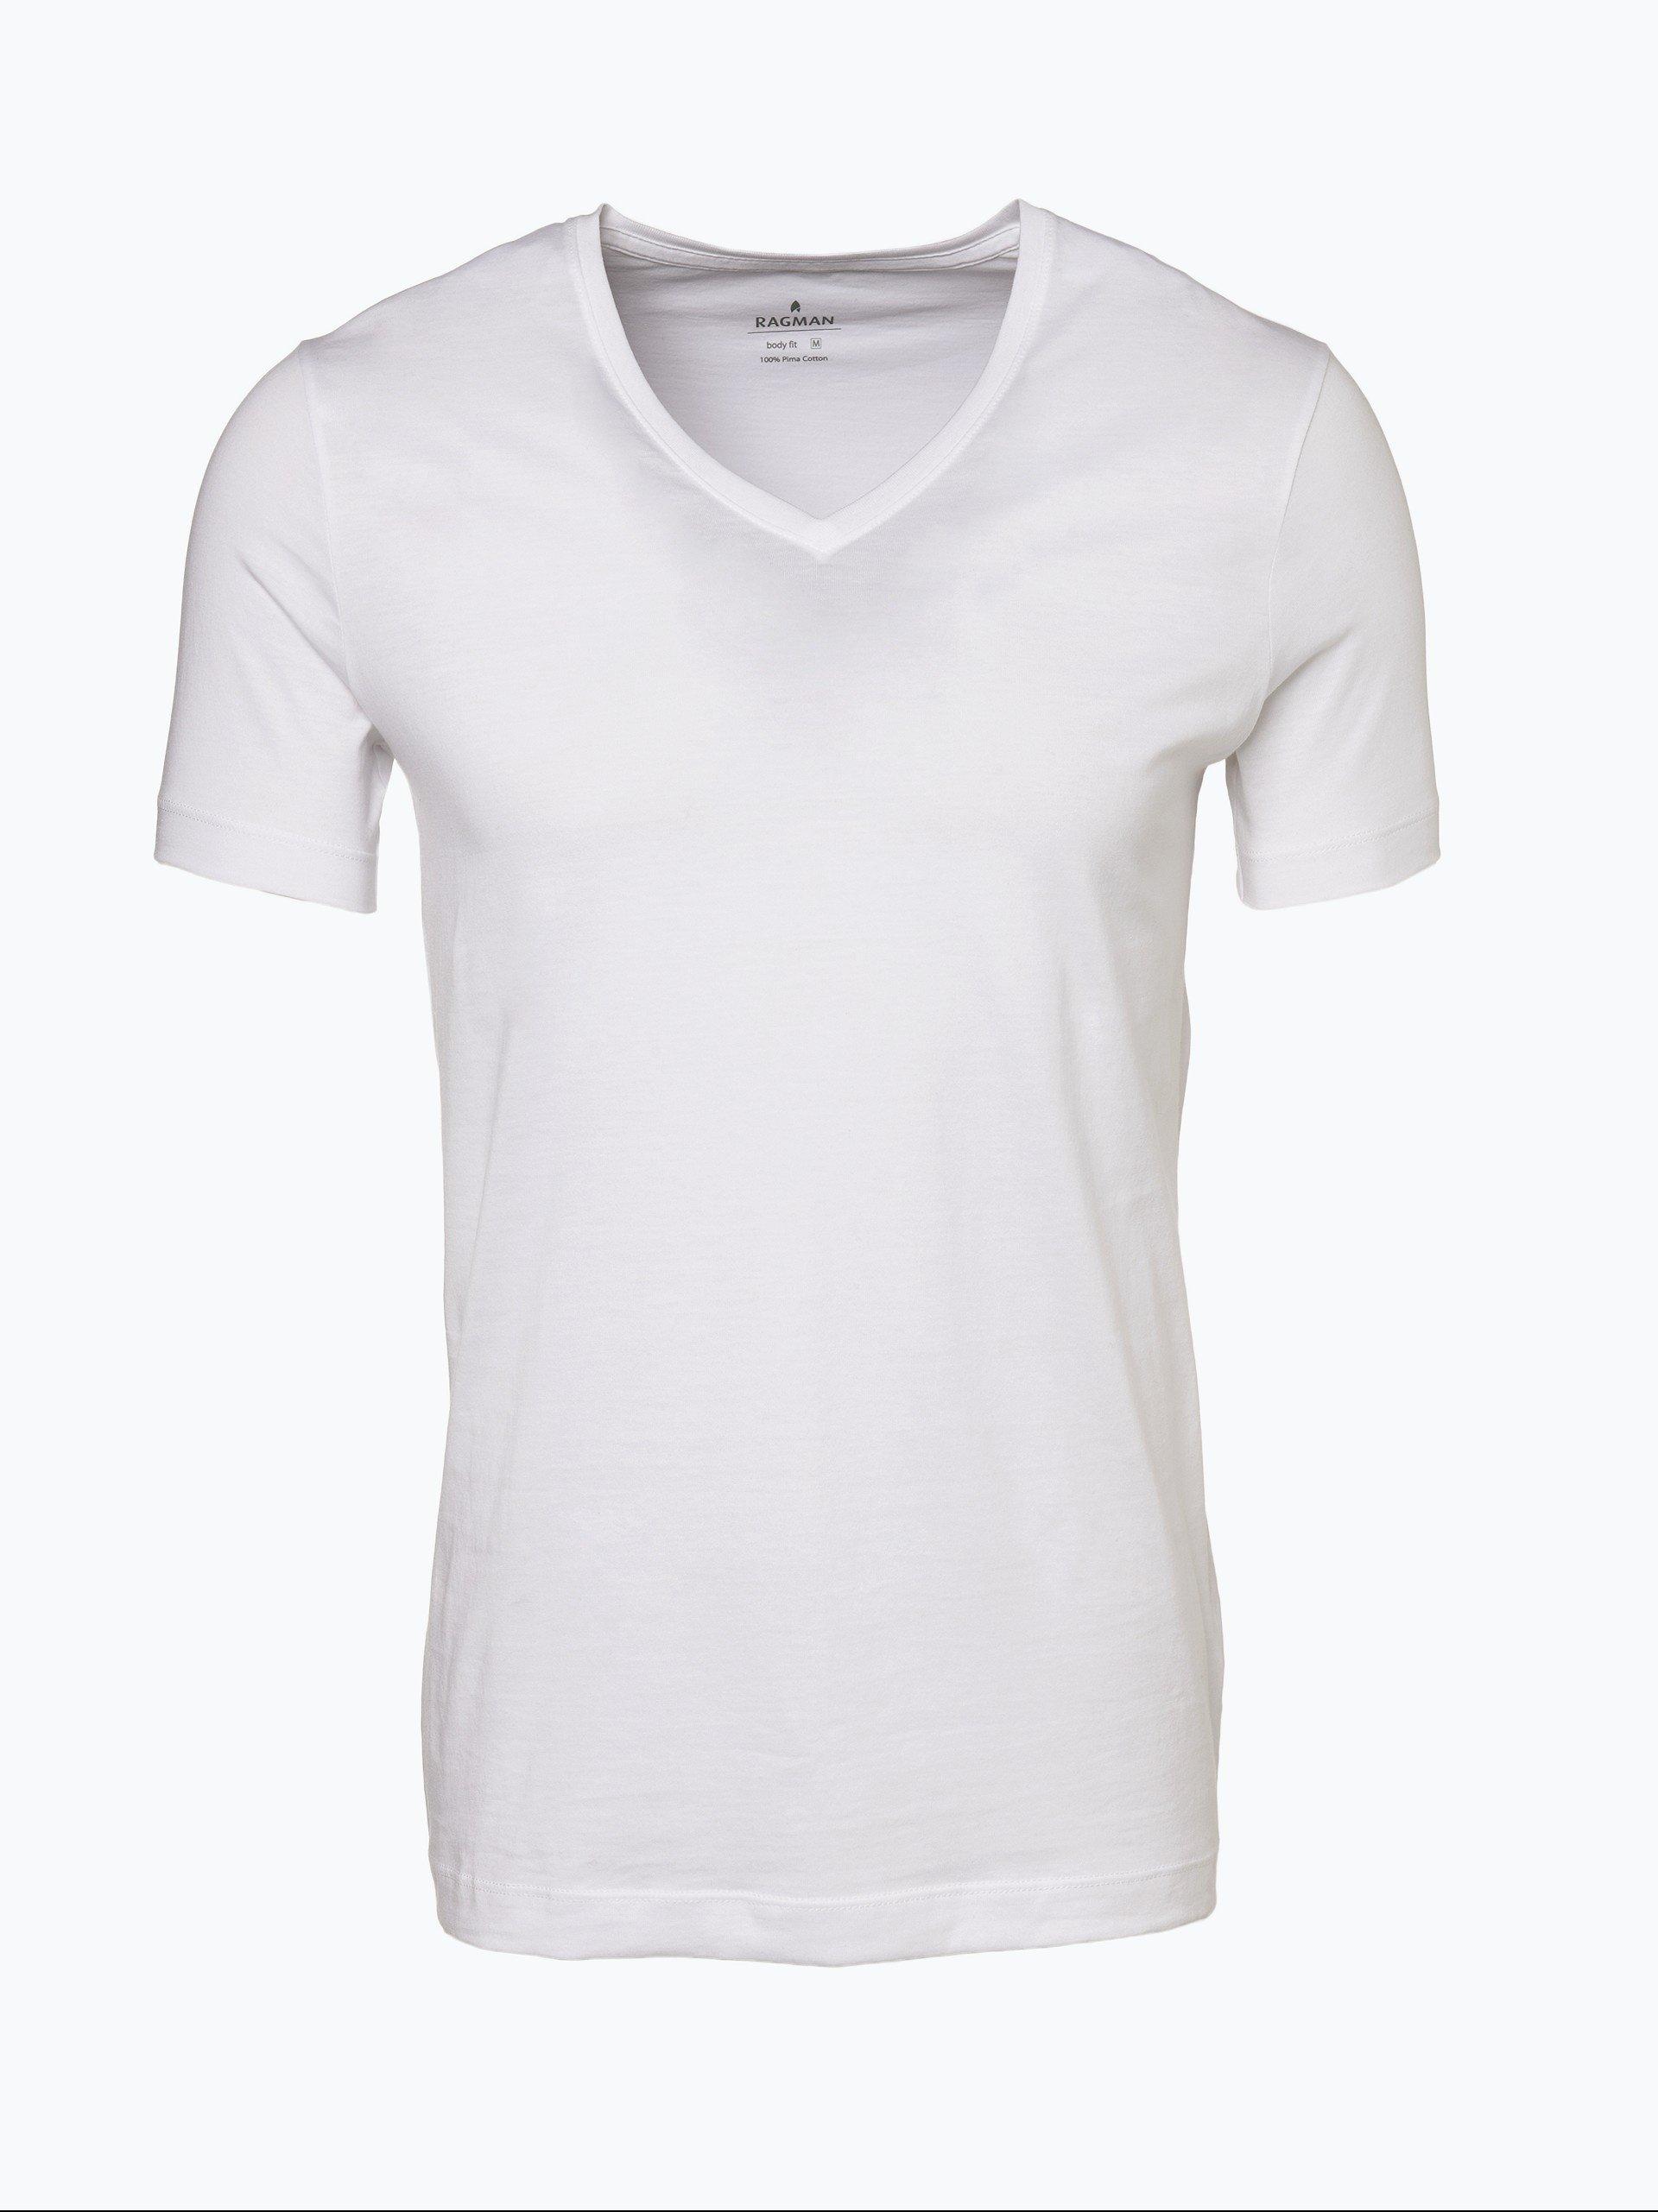 Ragman T-shirty męskie pakowane po 2 szt.